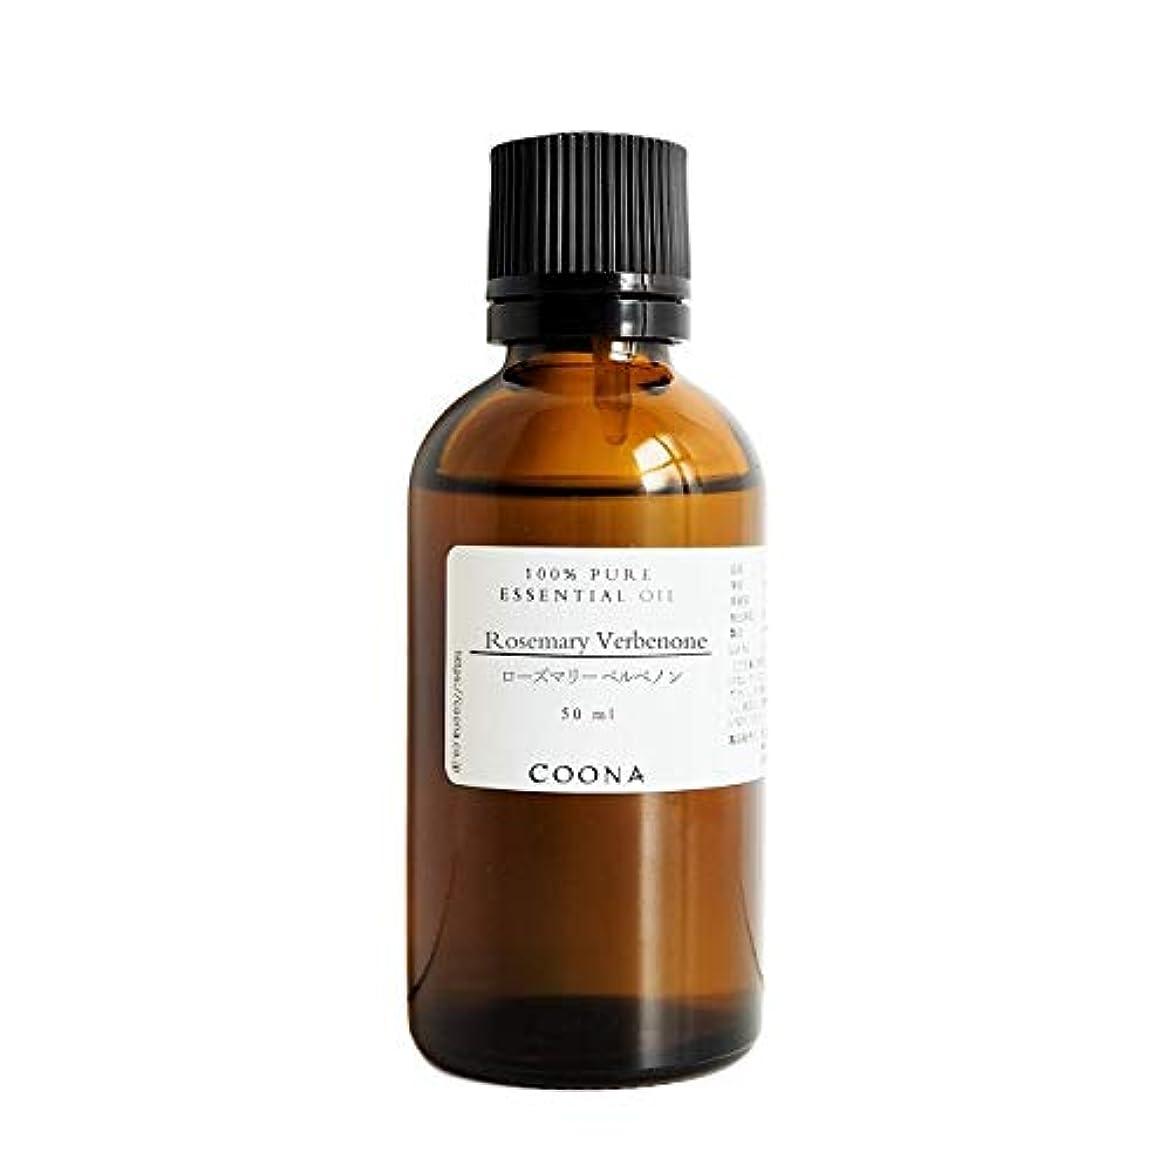 仕様ホイップ家禽ローズマリー ベルベノン 50 ml (COONA エッセンシャルオイル アロマオイル 100%天然植物精油)